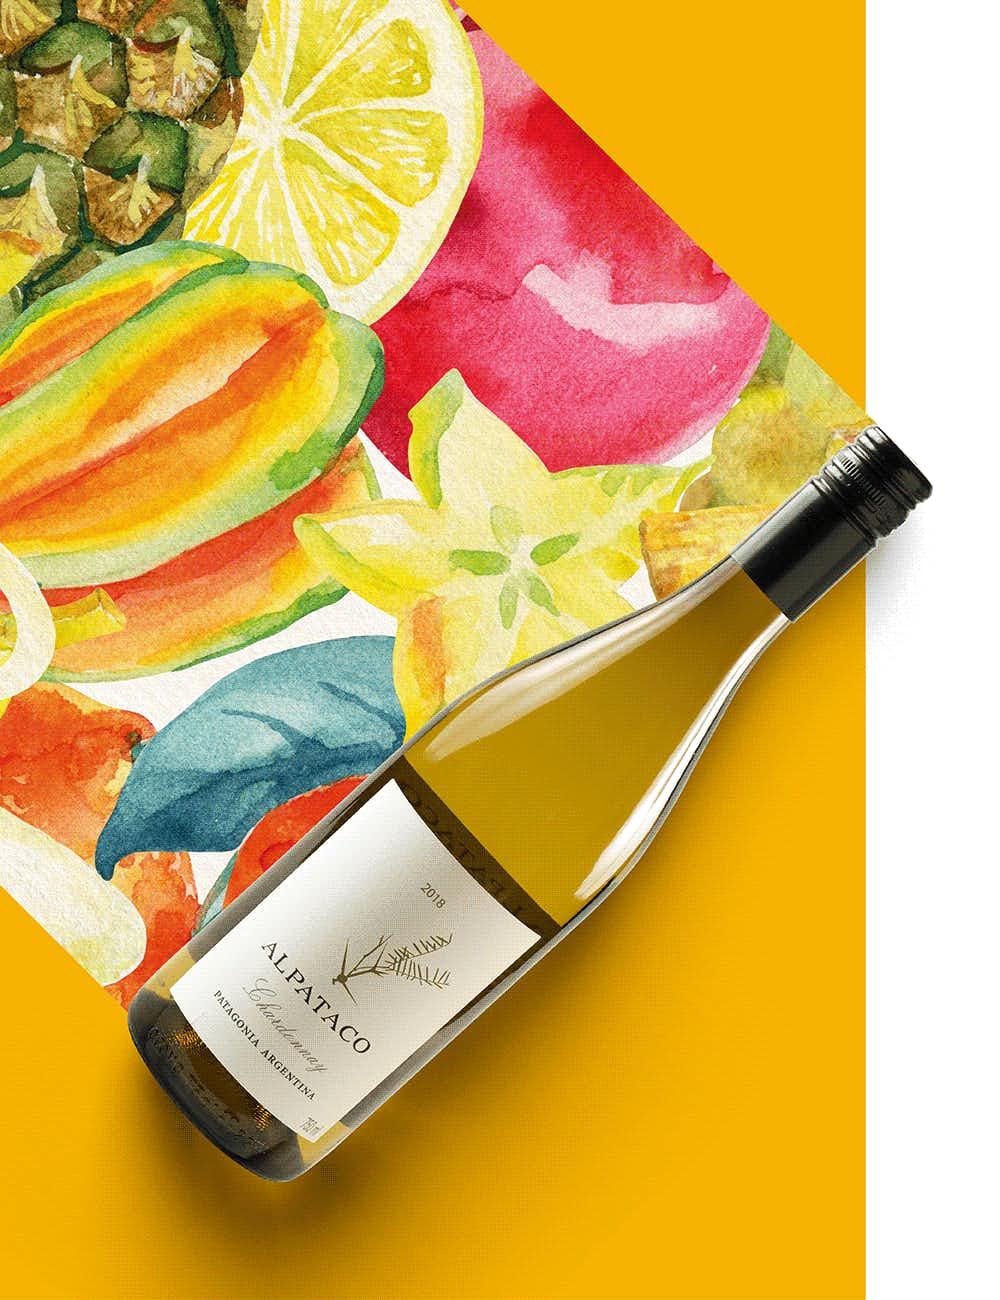 Bodega Familia Schroeder Alpataco Chardonnay 2018